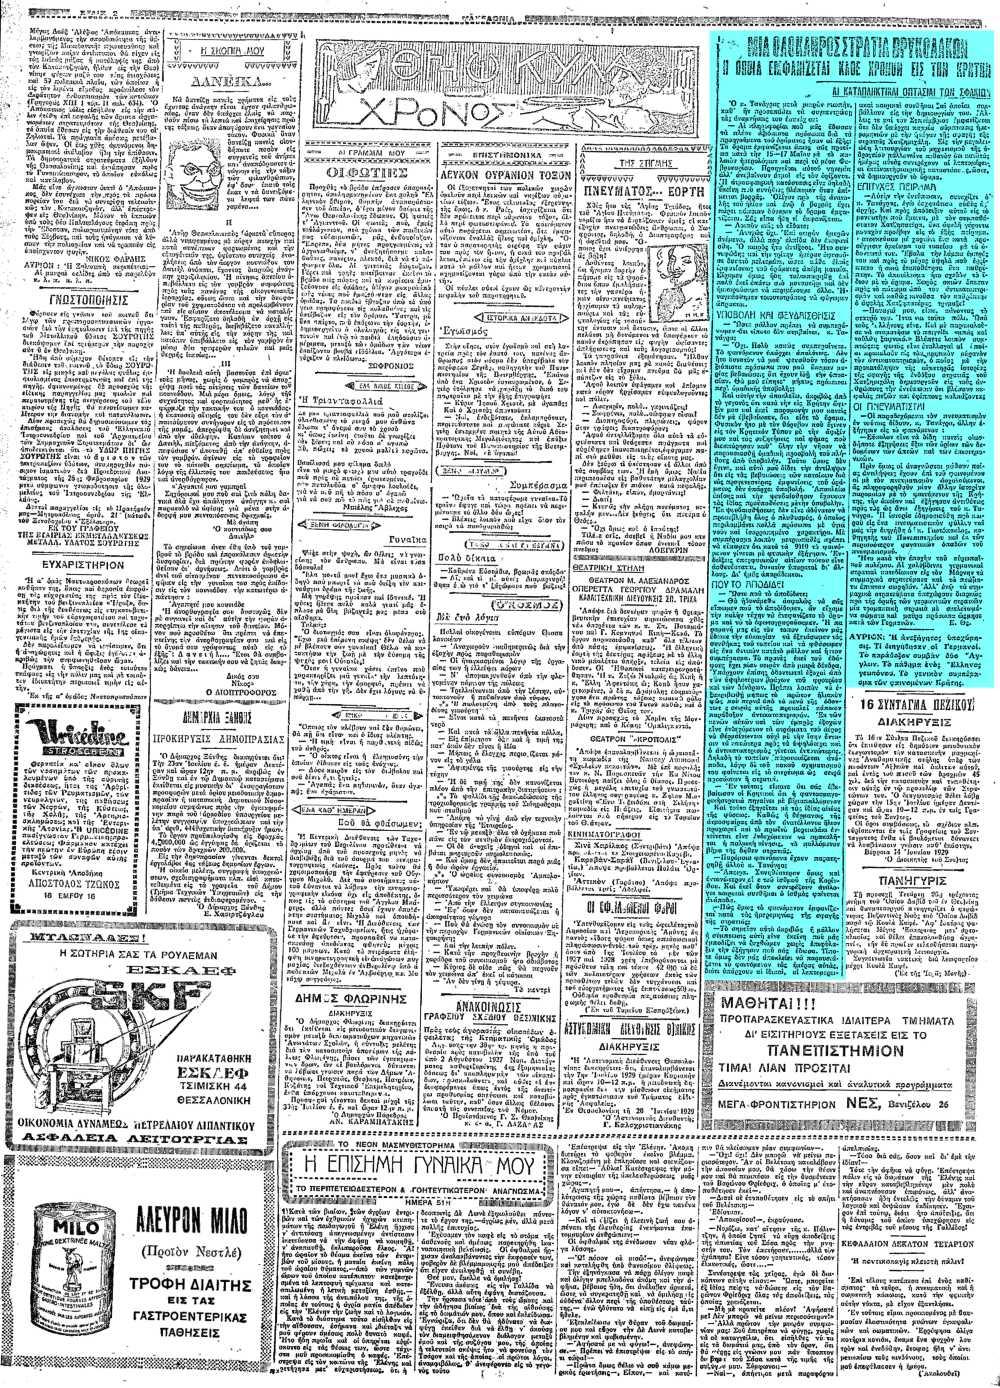 """Το άρθρο, όπως δημοσιεύθηκε στην εφημερίδα """"ΜΑΚΕΔΟΝΙΑ"""", στις 25/06/1929"""